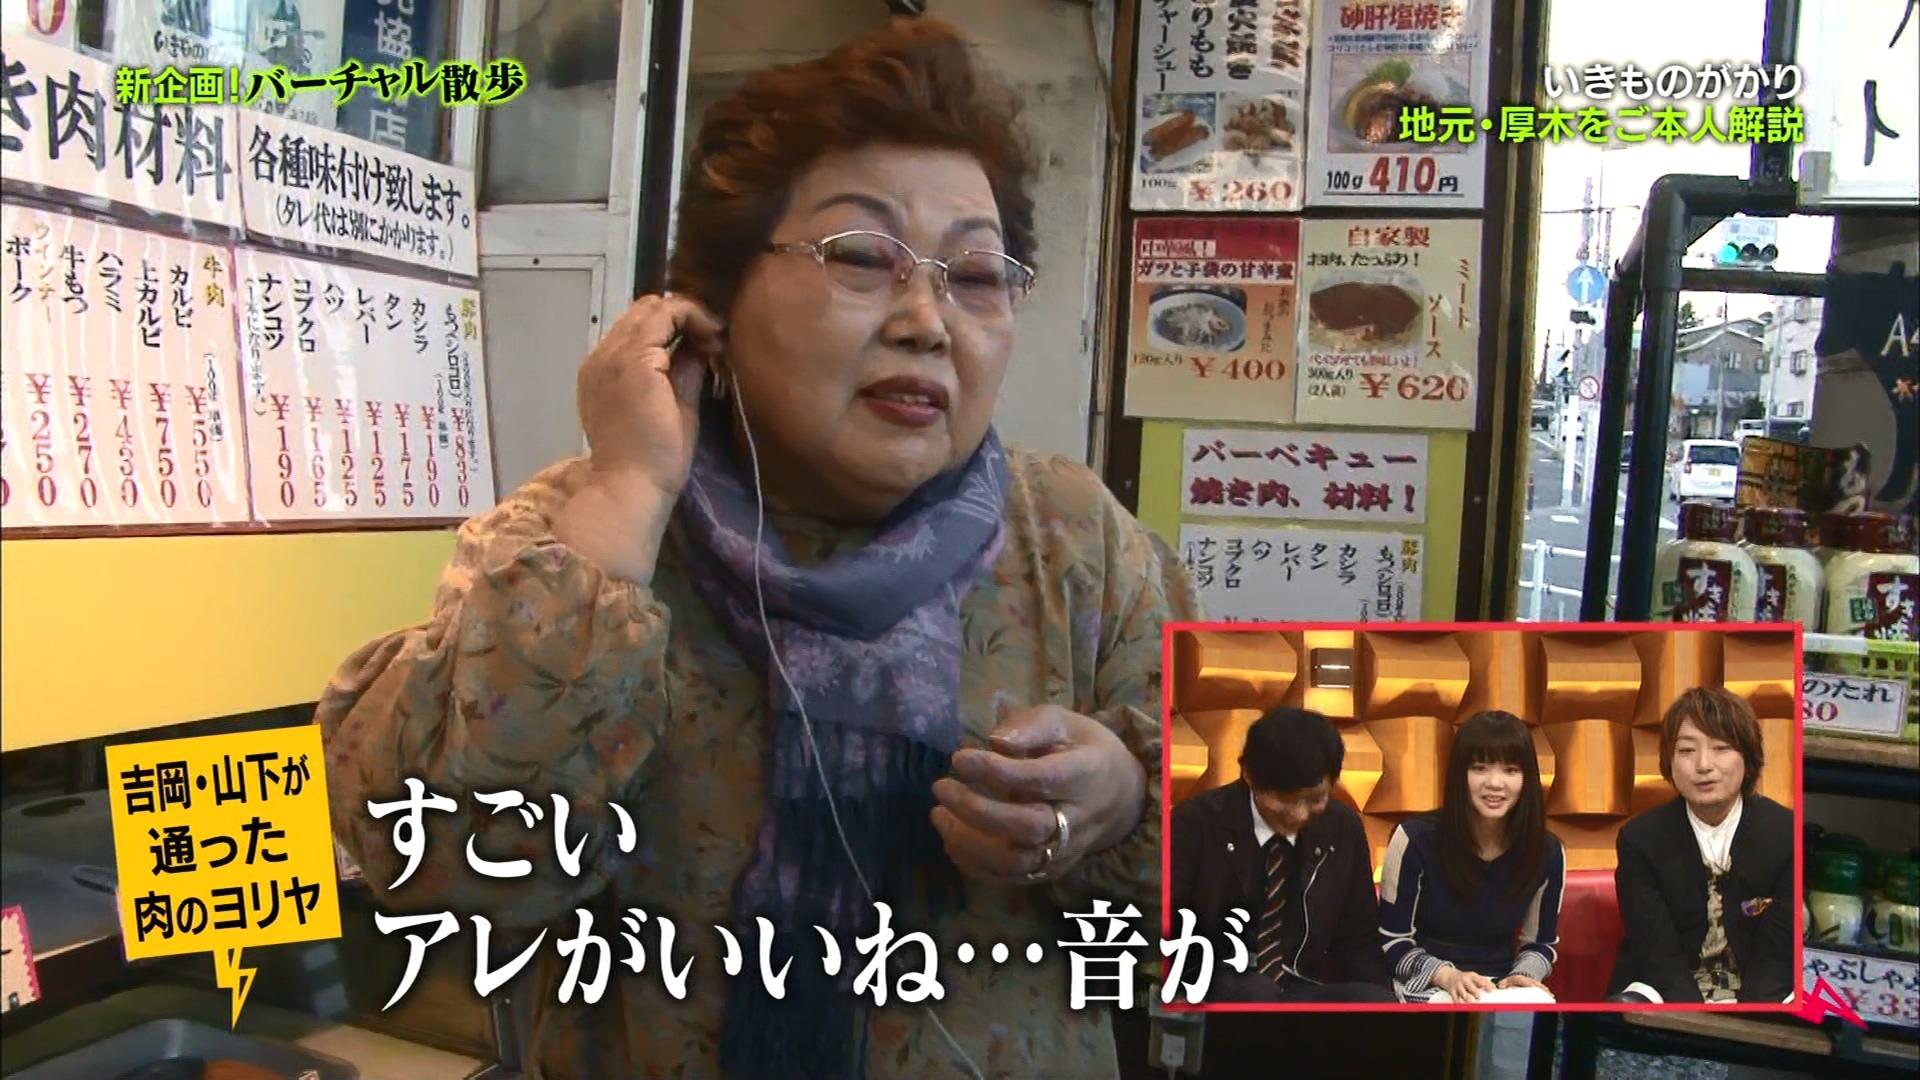 2016.03.11 全場(バズリズム).ts_20160312_015024.859